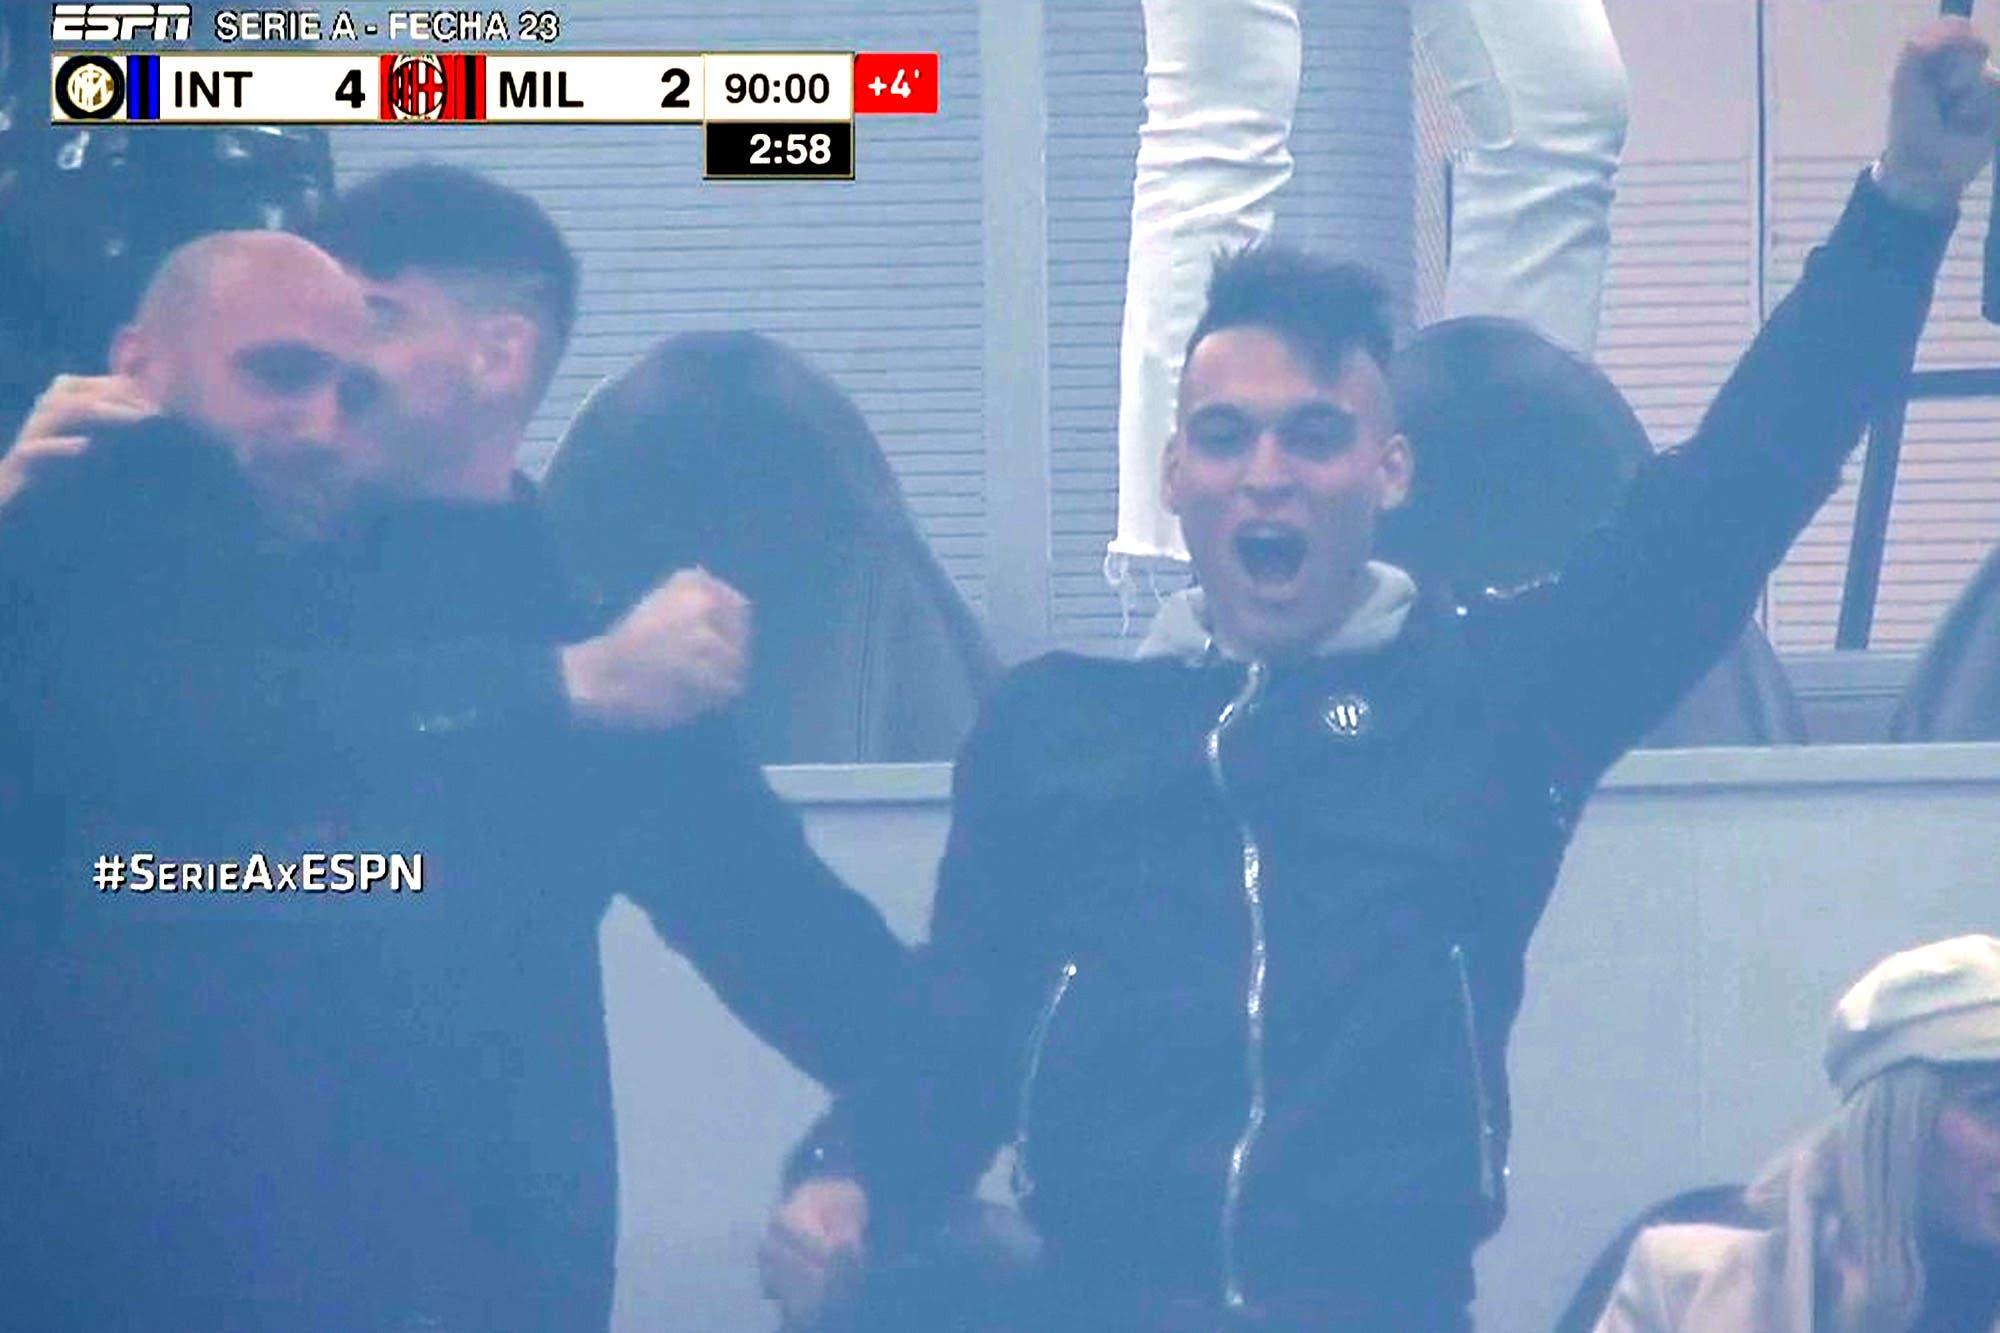 Sin Lautaro Martínez, Inter golea en el clásico de Milán después de estar 0-2 y alcanzó a Juventus